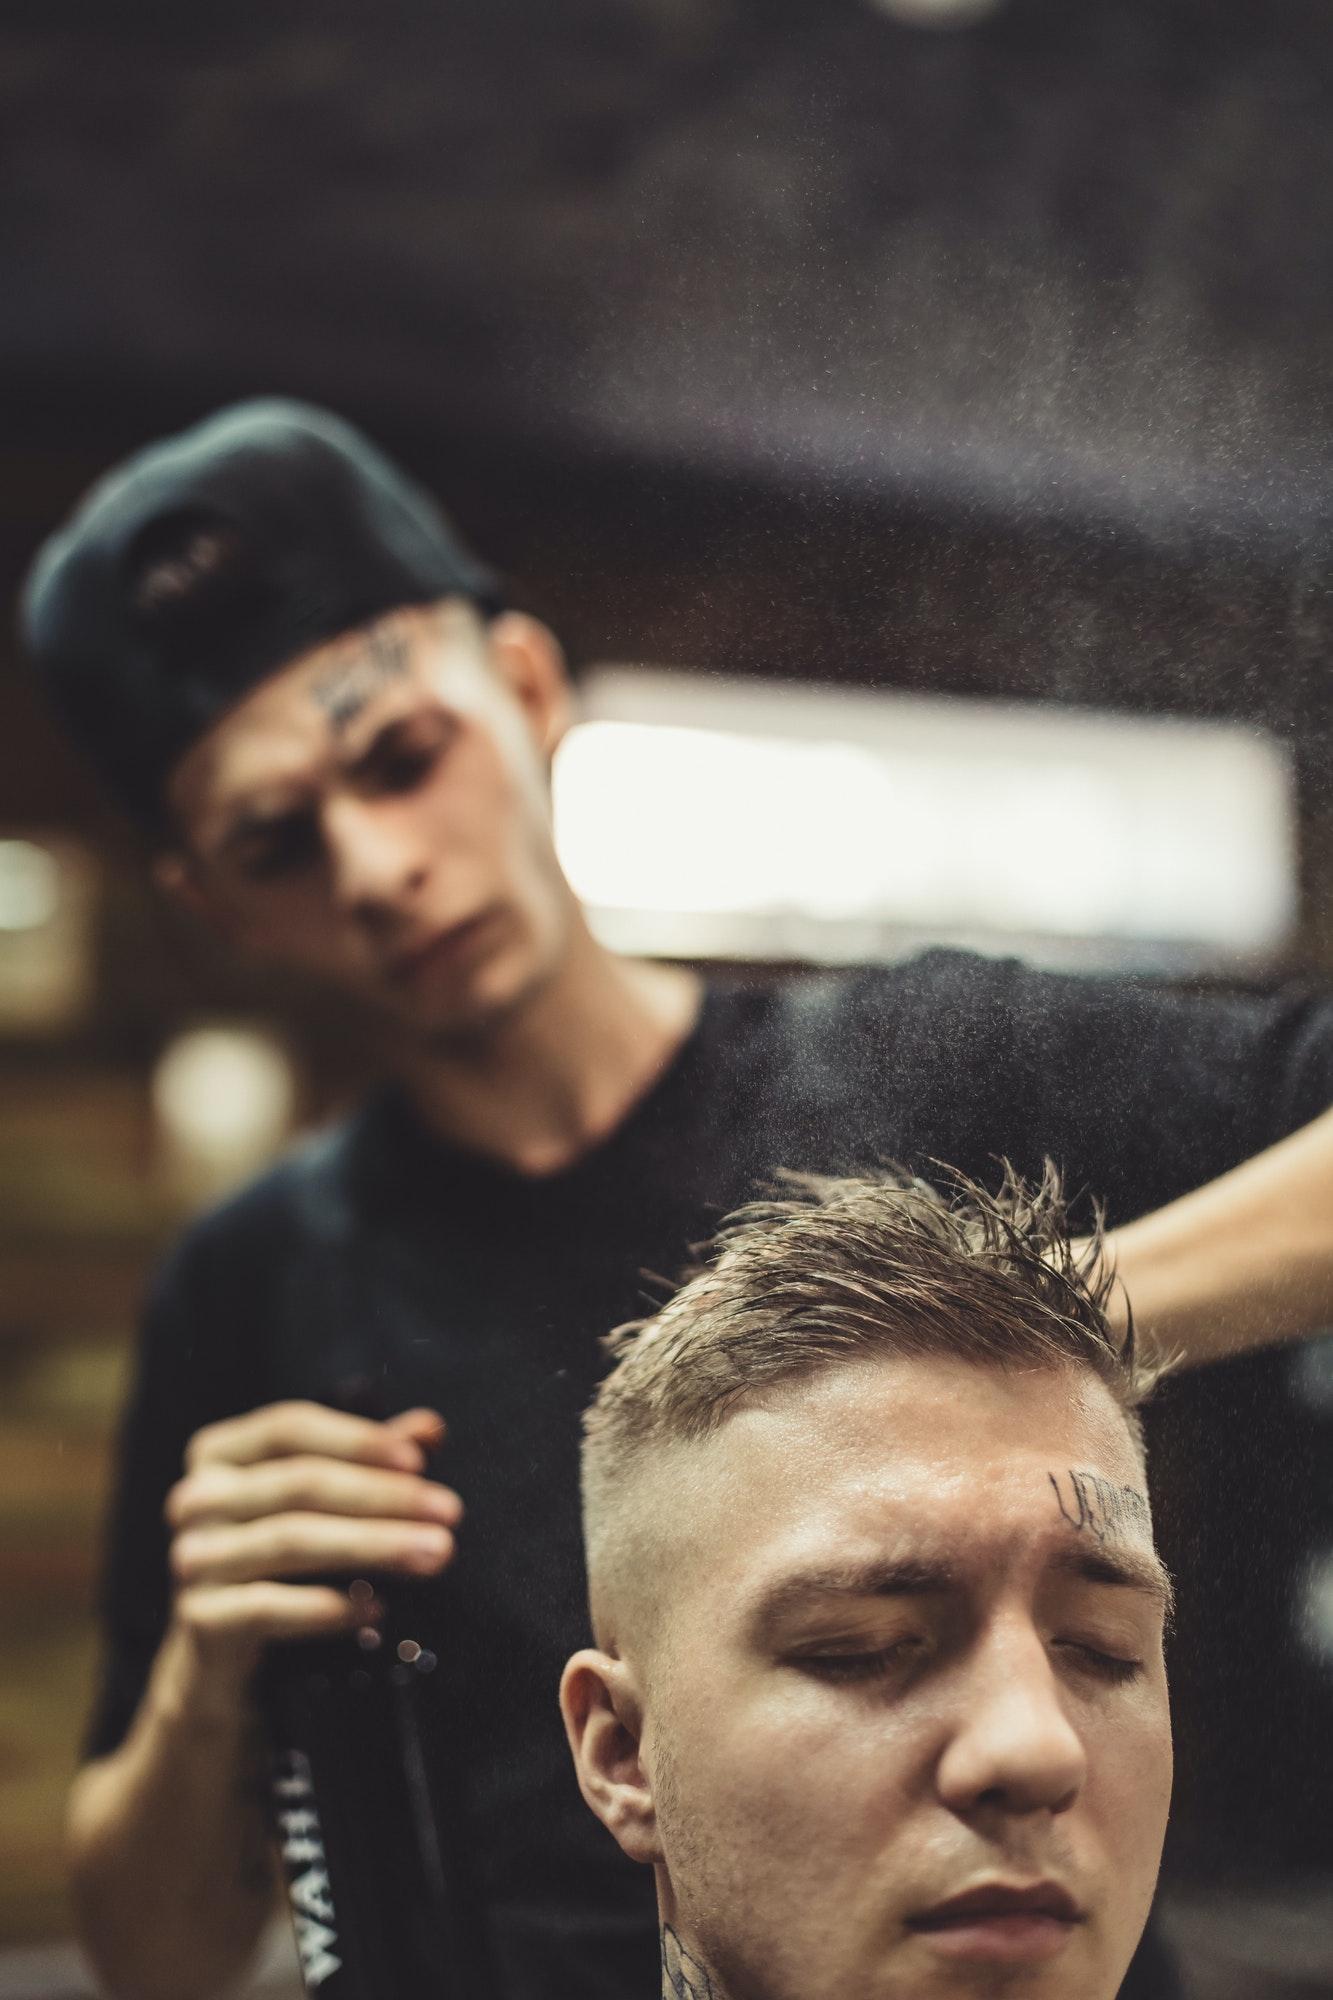 stylist-grooming-client-in-barbershop.jpg